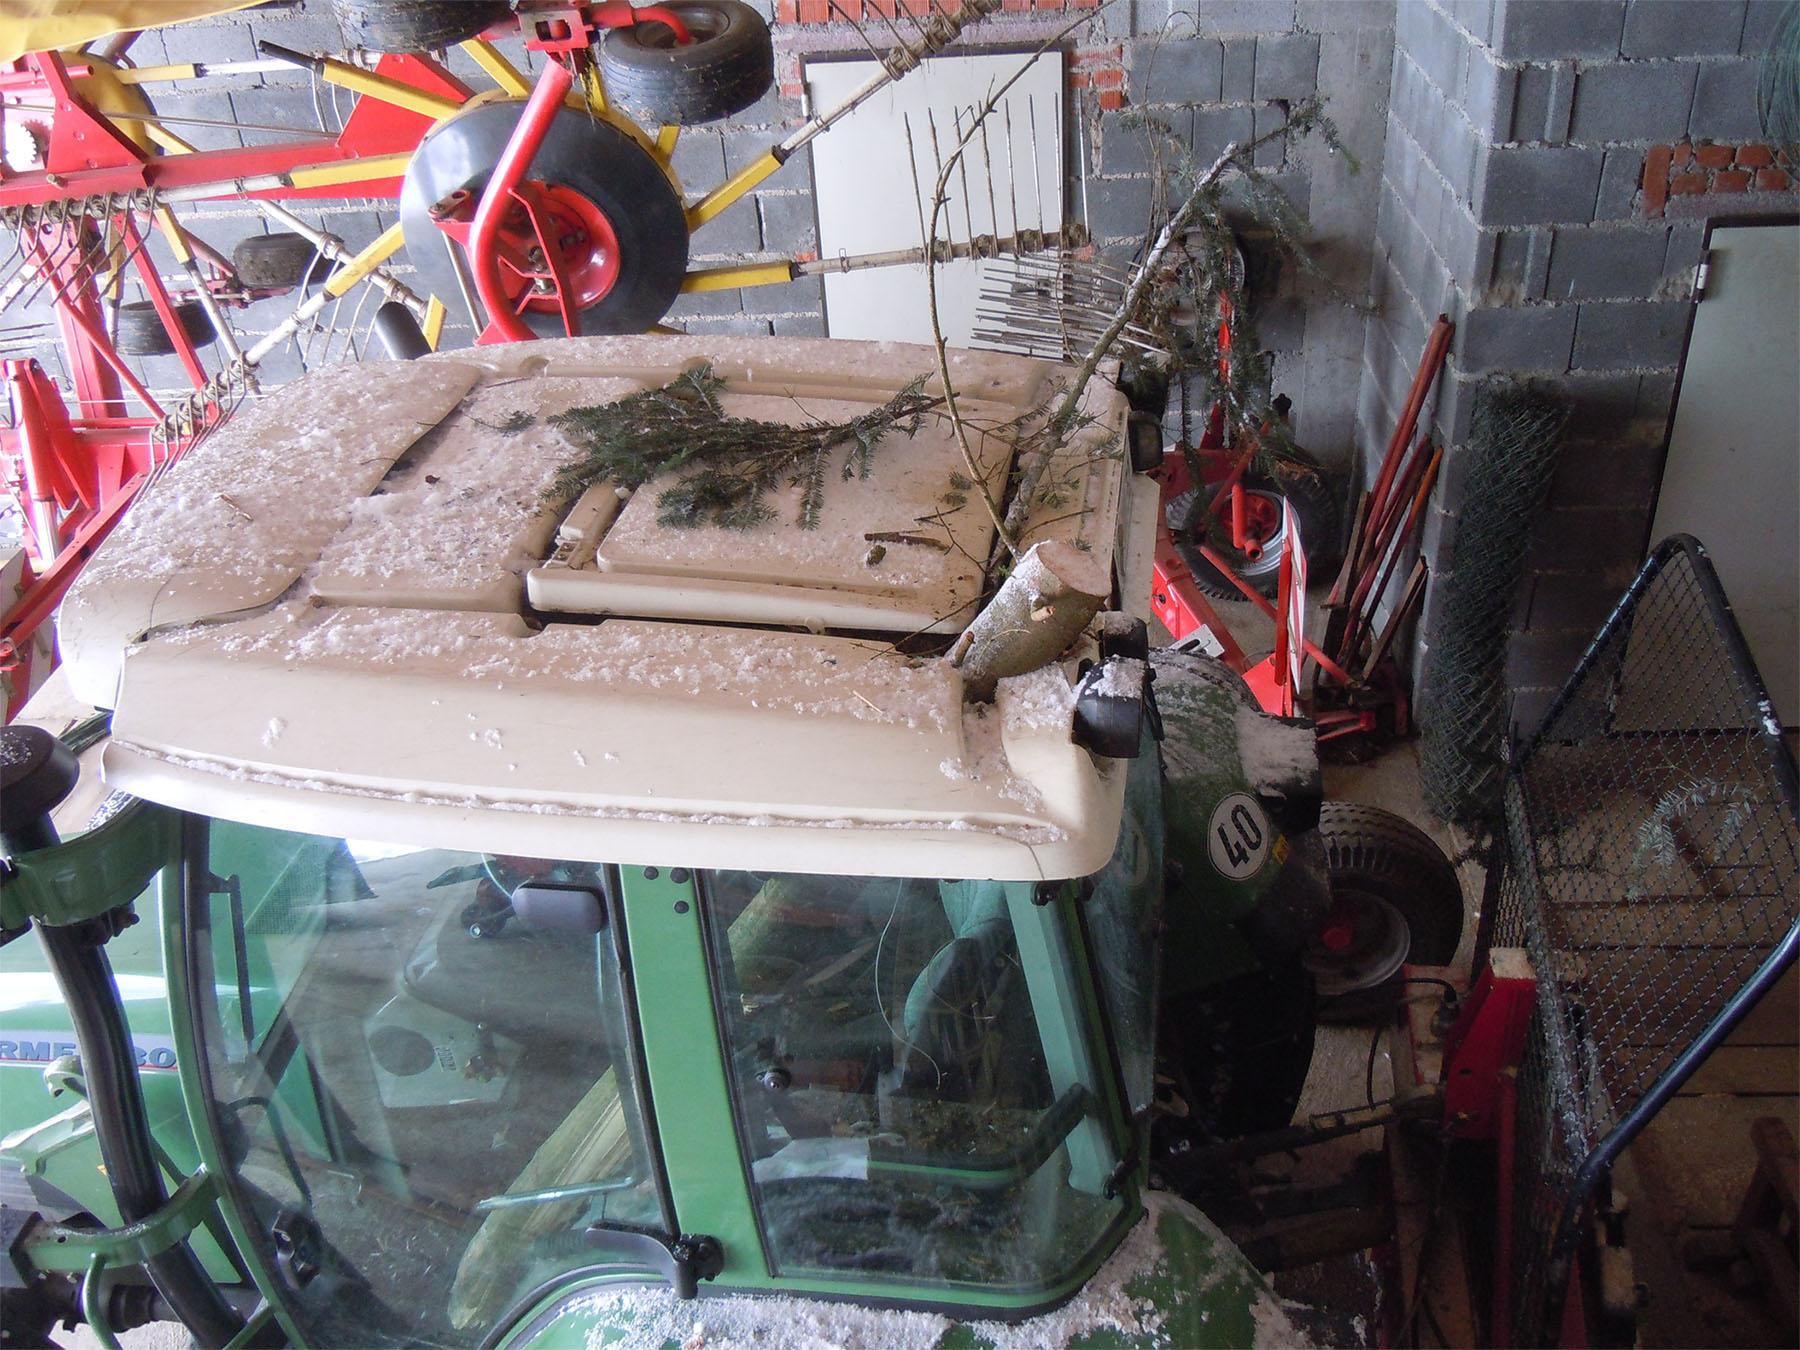 Traktorkabinen bieten keinen ausreichenden Schutz vor herabfallenden Baumstücken